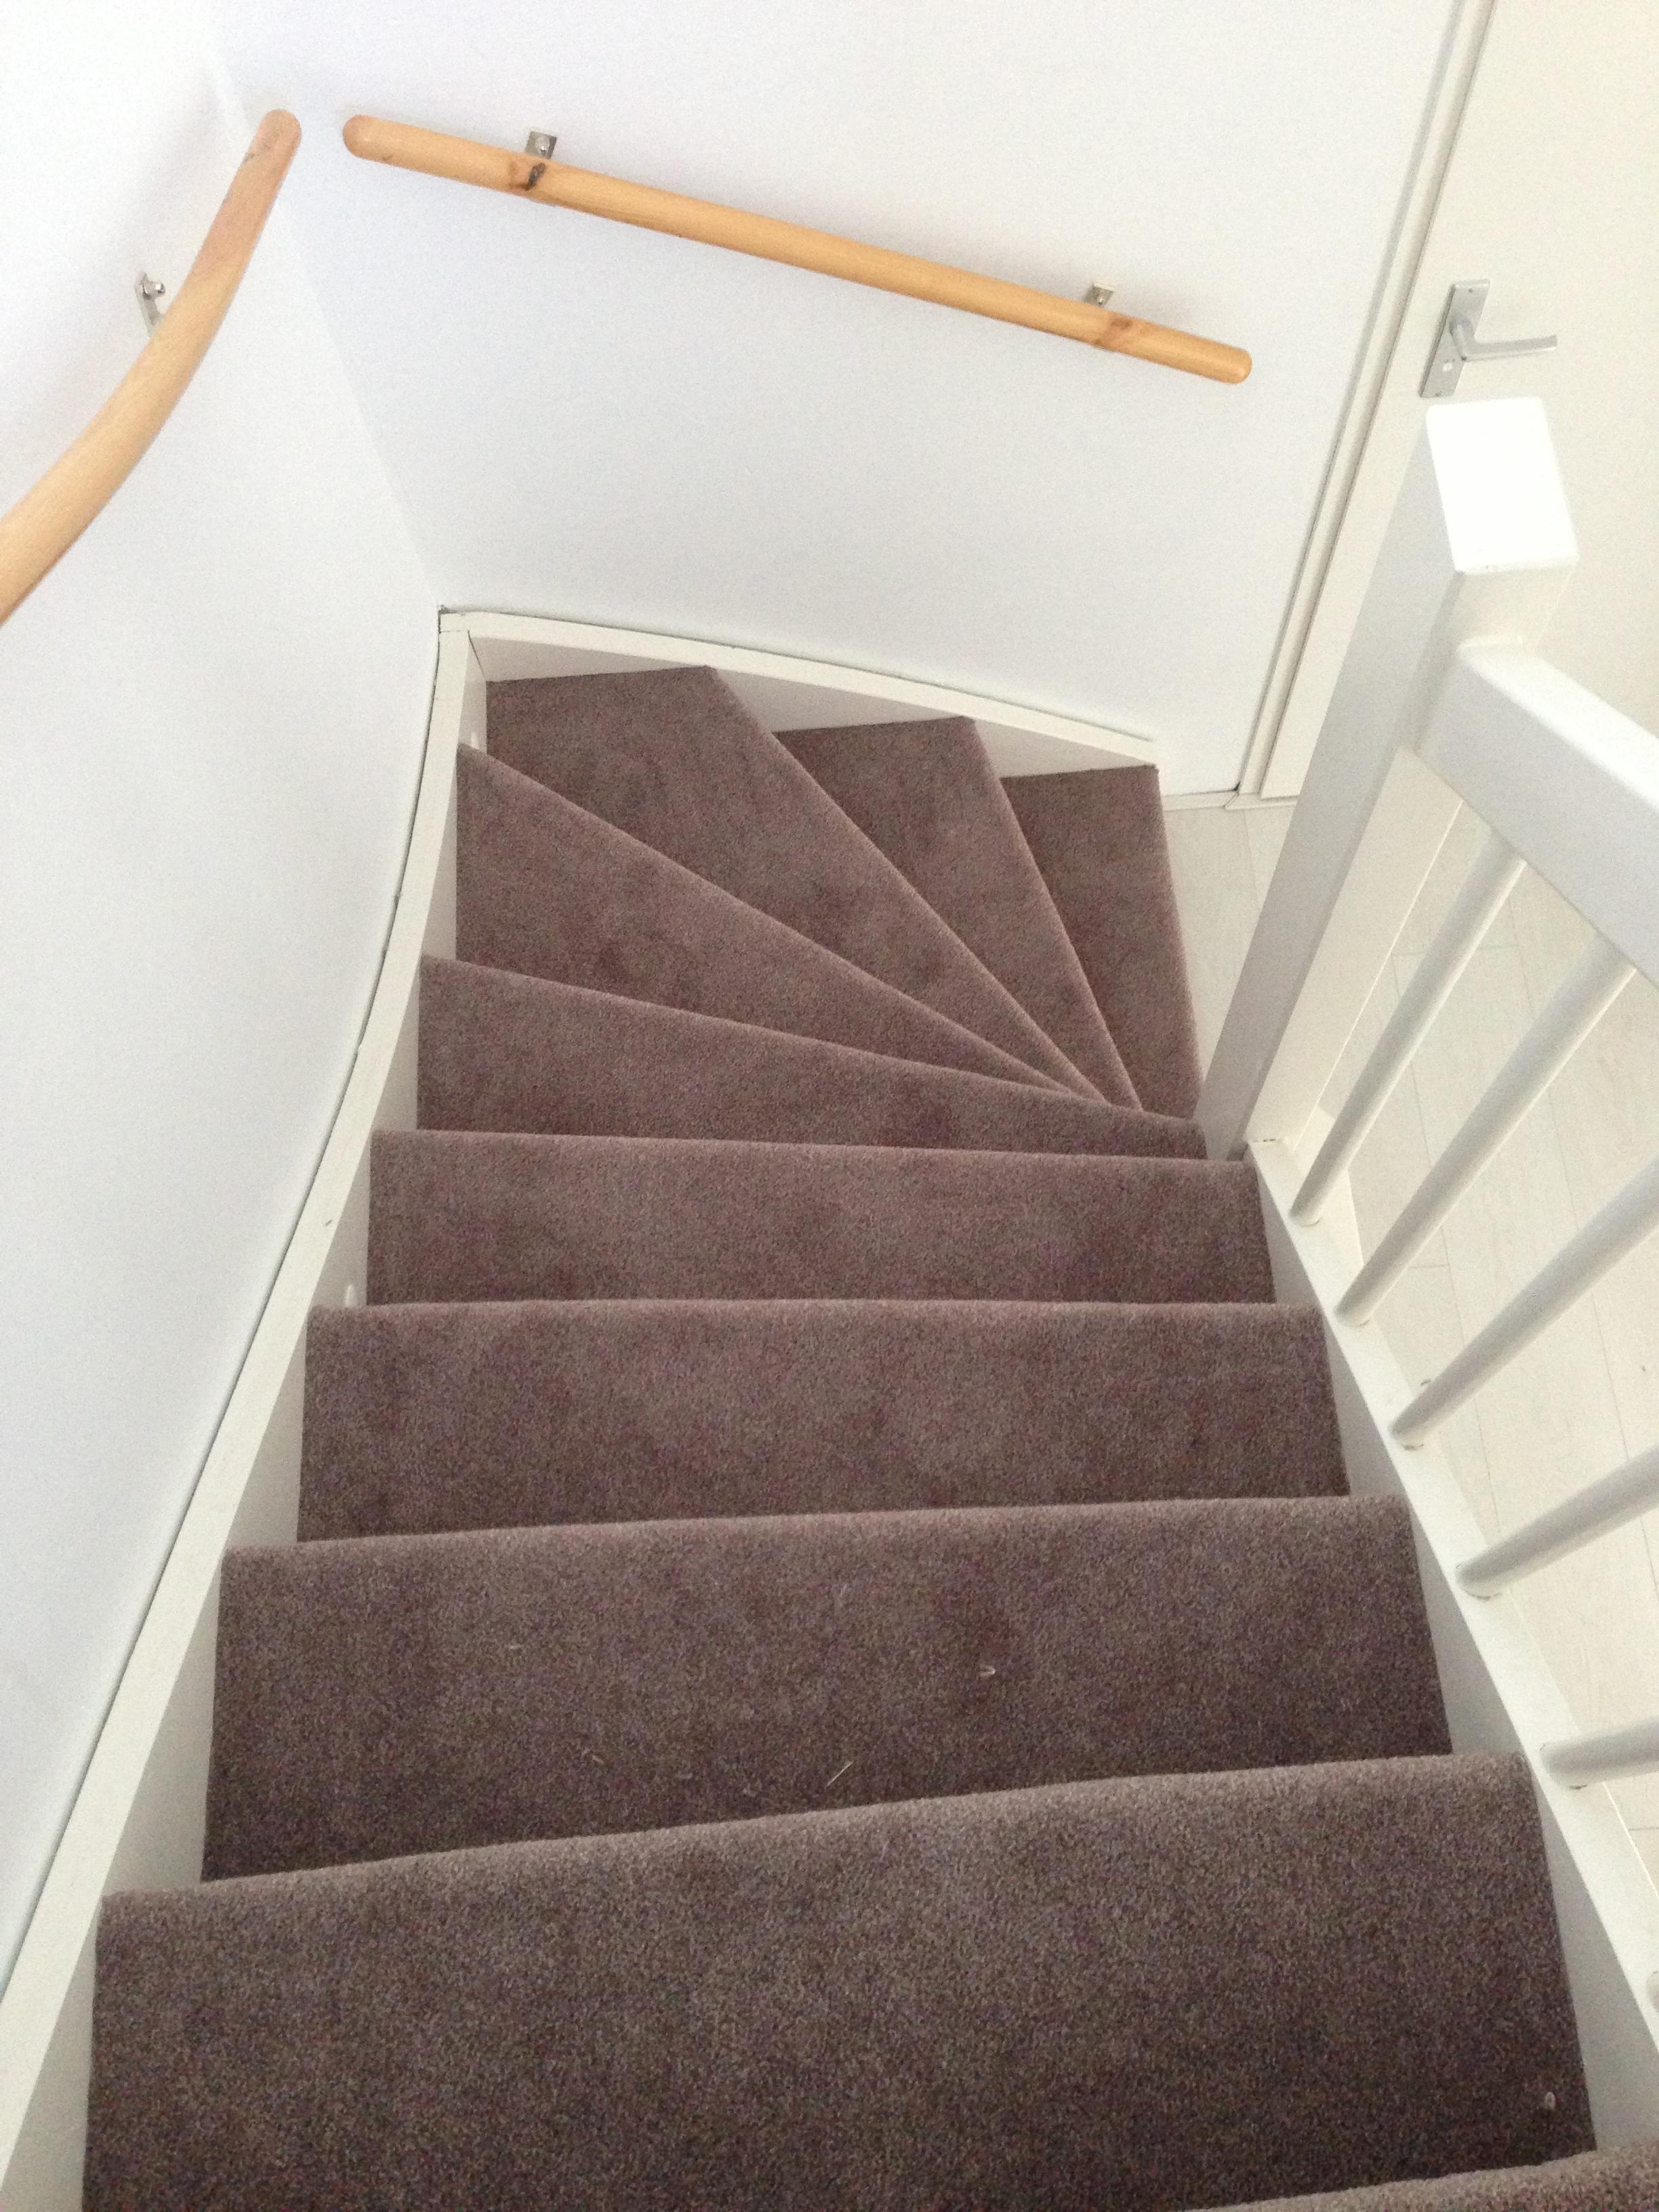 Nieuw tapijt trap badkamermeubels ontwerpen 2017 - Trap ontwerpen ...